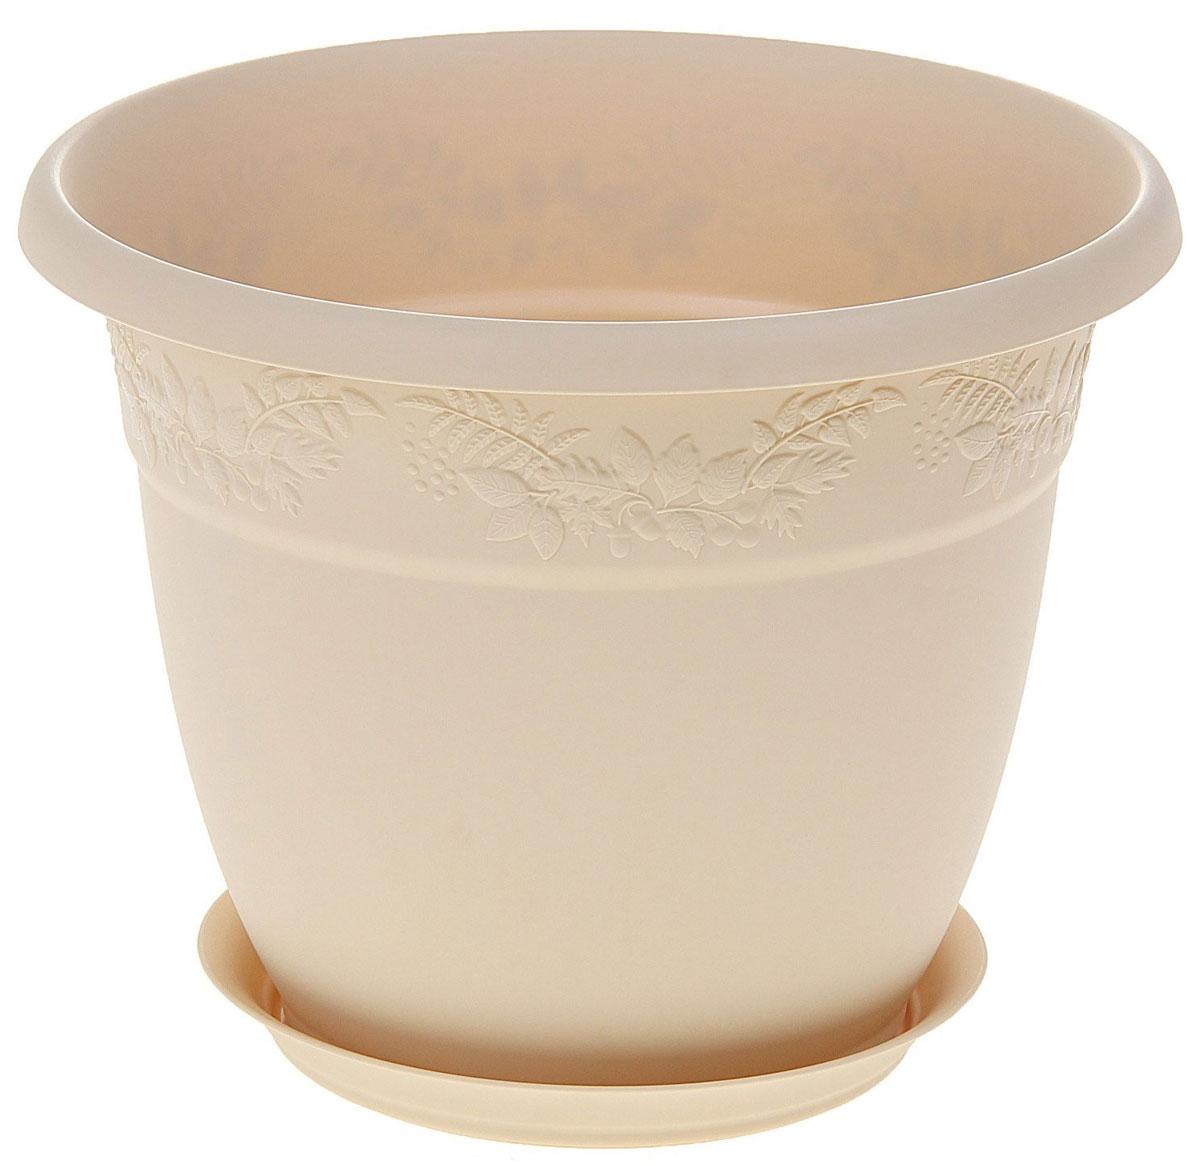 Кашпо Idea Рябина, с поддоном, цвет: белая глина, 5 лP-0301Кашпо Idea Рябина изготовлено из высококачественного полипропилена (пластика). Специальный поддон предназначен для стока воды. Изделие прекрасно подходит для выращивания растений и цветов в домашних условиях. Лаконичный дизайн впишется в интерьер любого помещения. Диаметр поддона: 17,5 см. Объем кашпо: 5 л.Диаметр кашпо по верхнему краю: 25 см.Высота кашпо: 20 см.